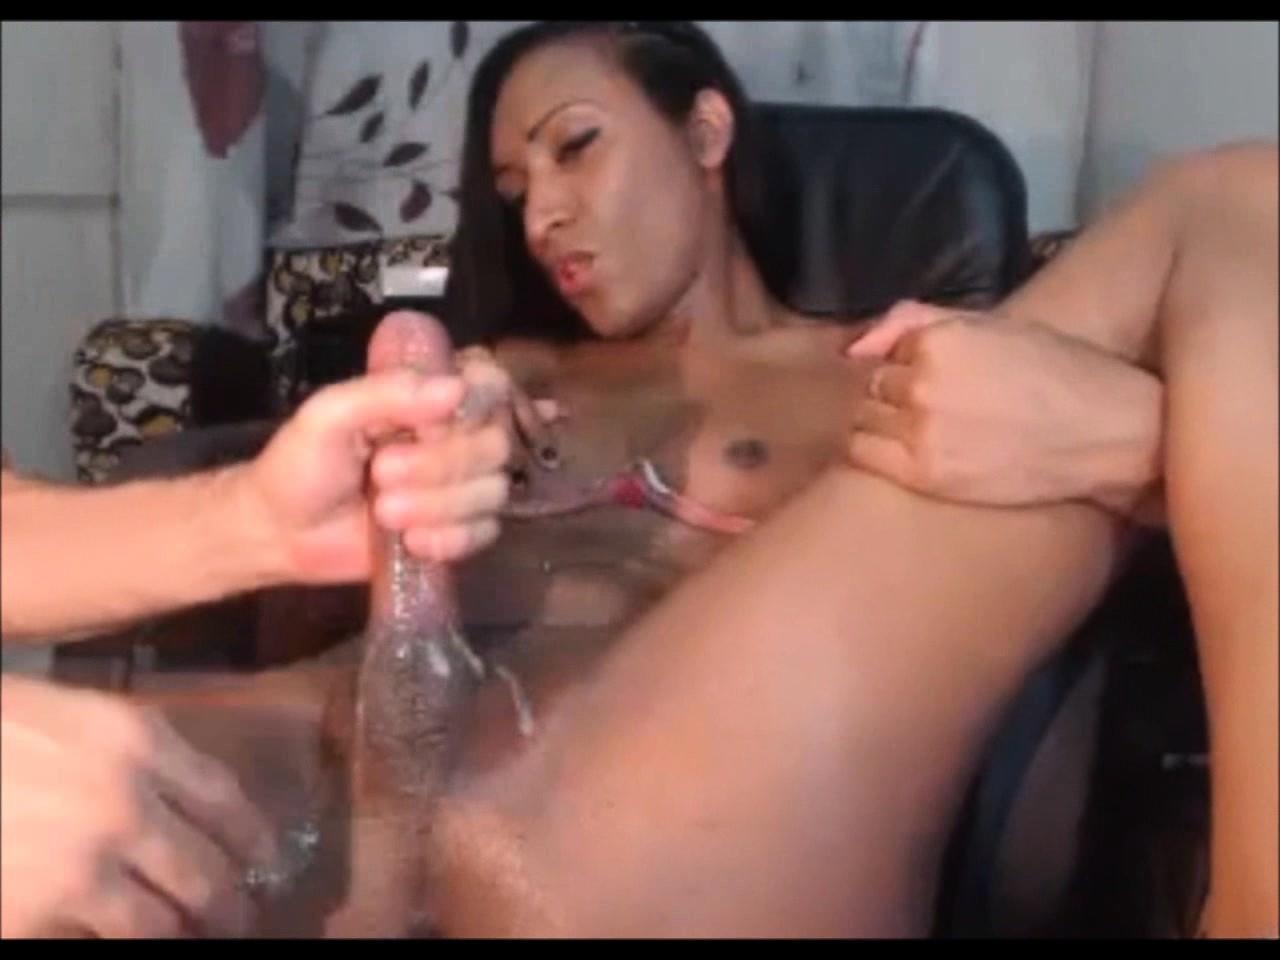 нарезка видео дрочка члена редкая порнопара